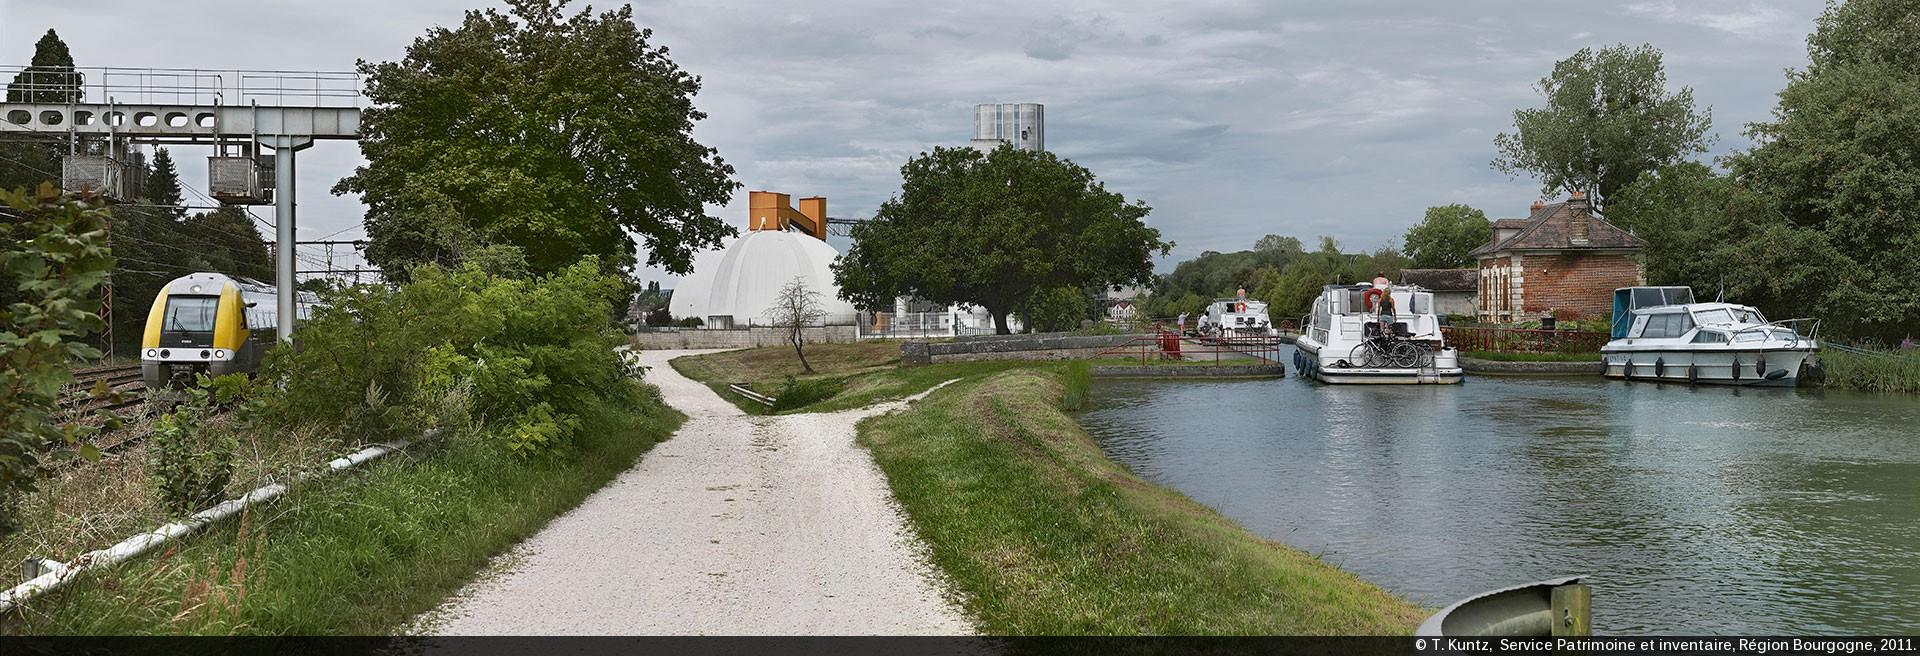 Canaux de bourgogne am liorations et am nagements - Maison au bord de la voie ferree ...